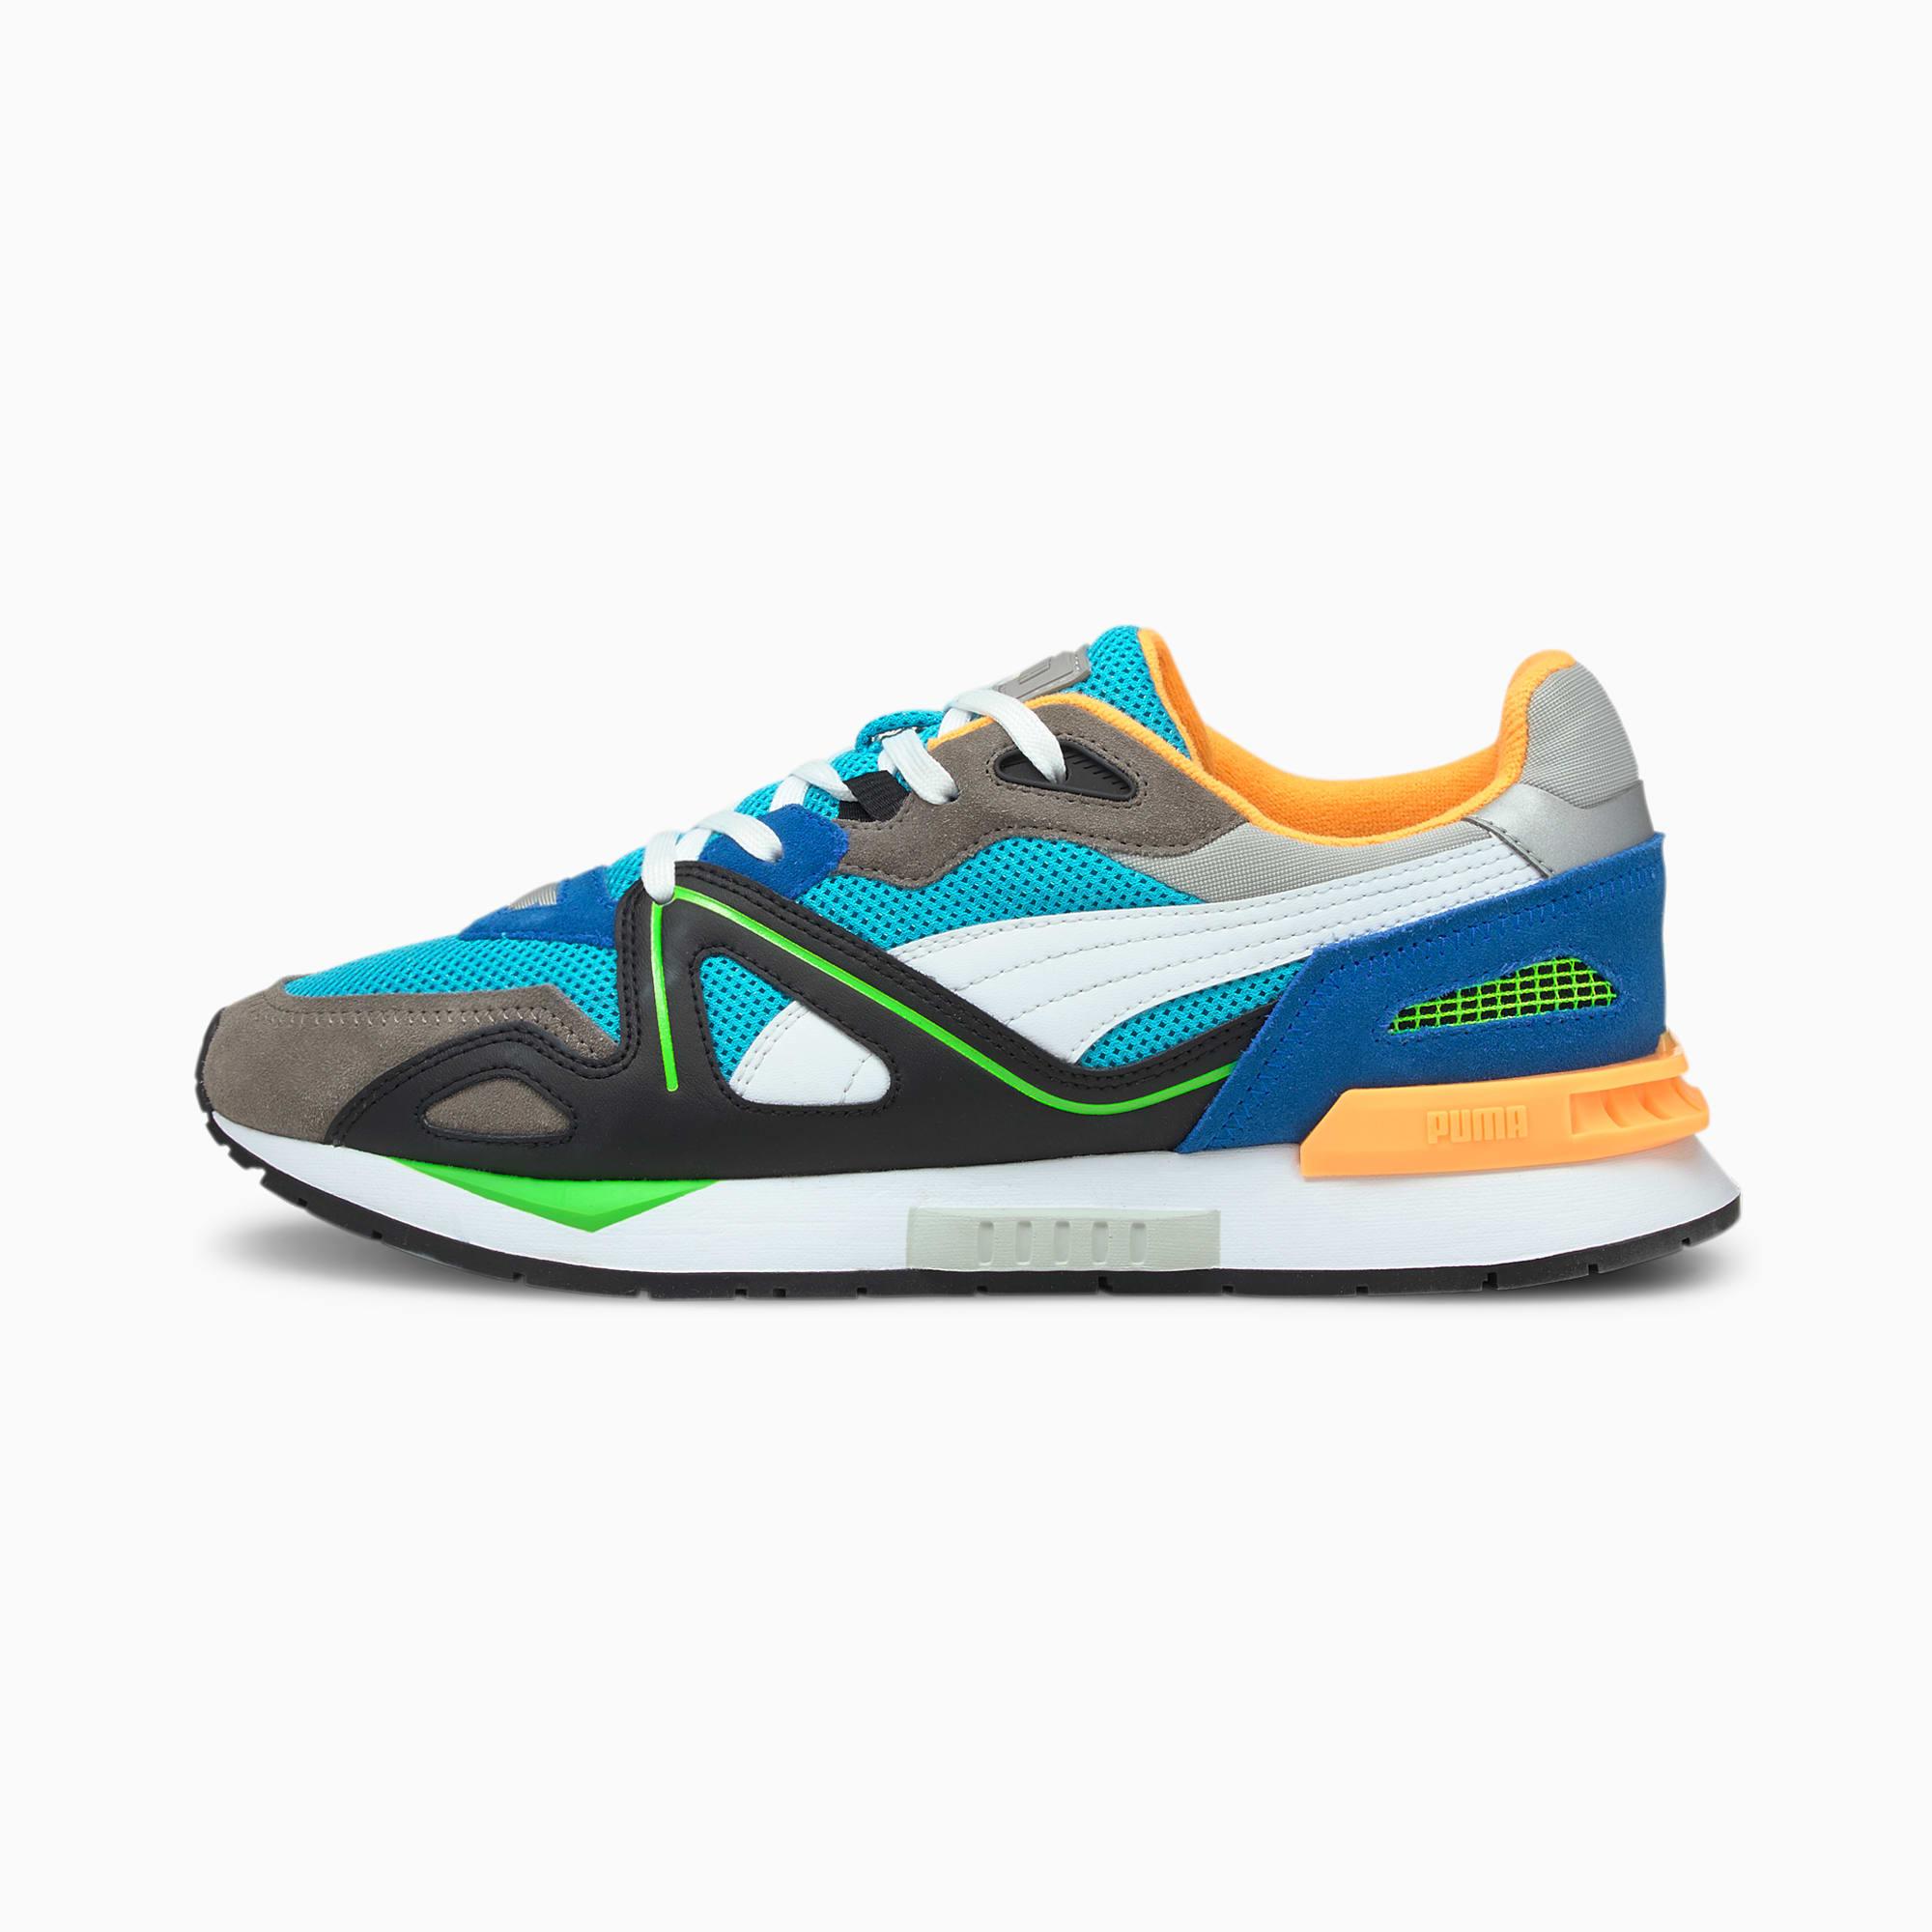 Mirage Mox Vision sneakers, Blauw/Grijs, Maat 38,5 | PUMA